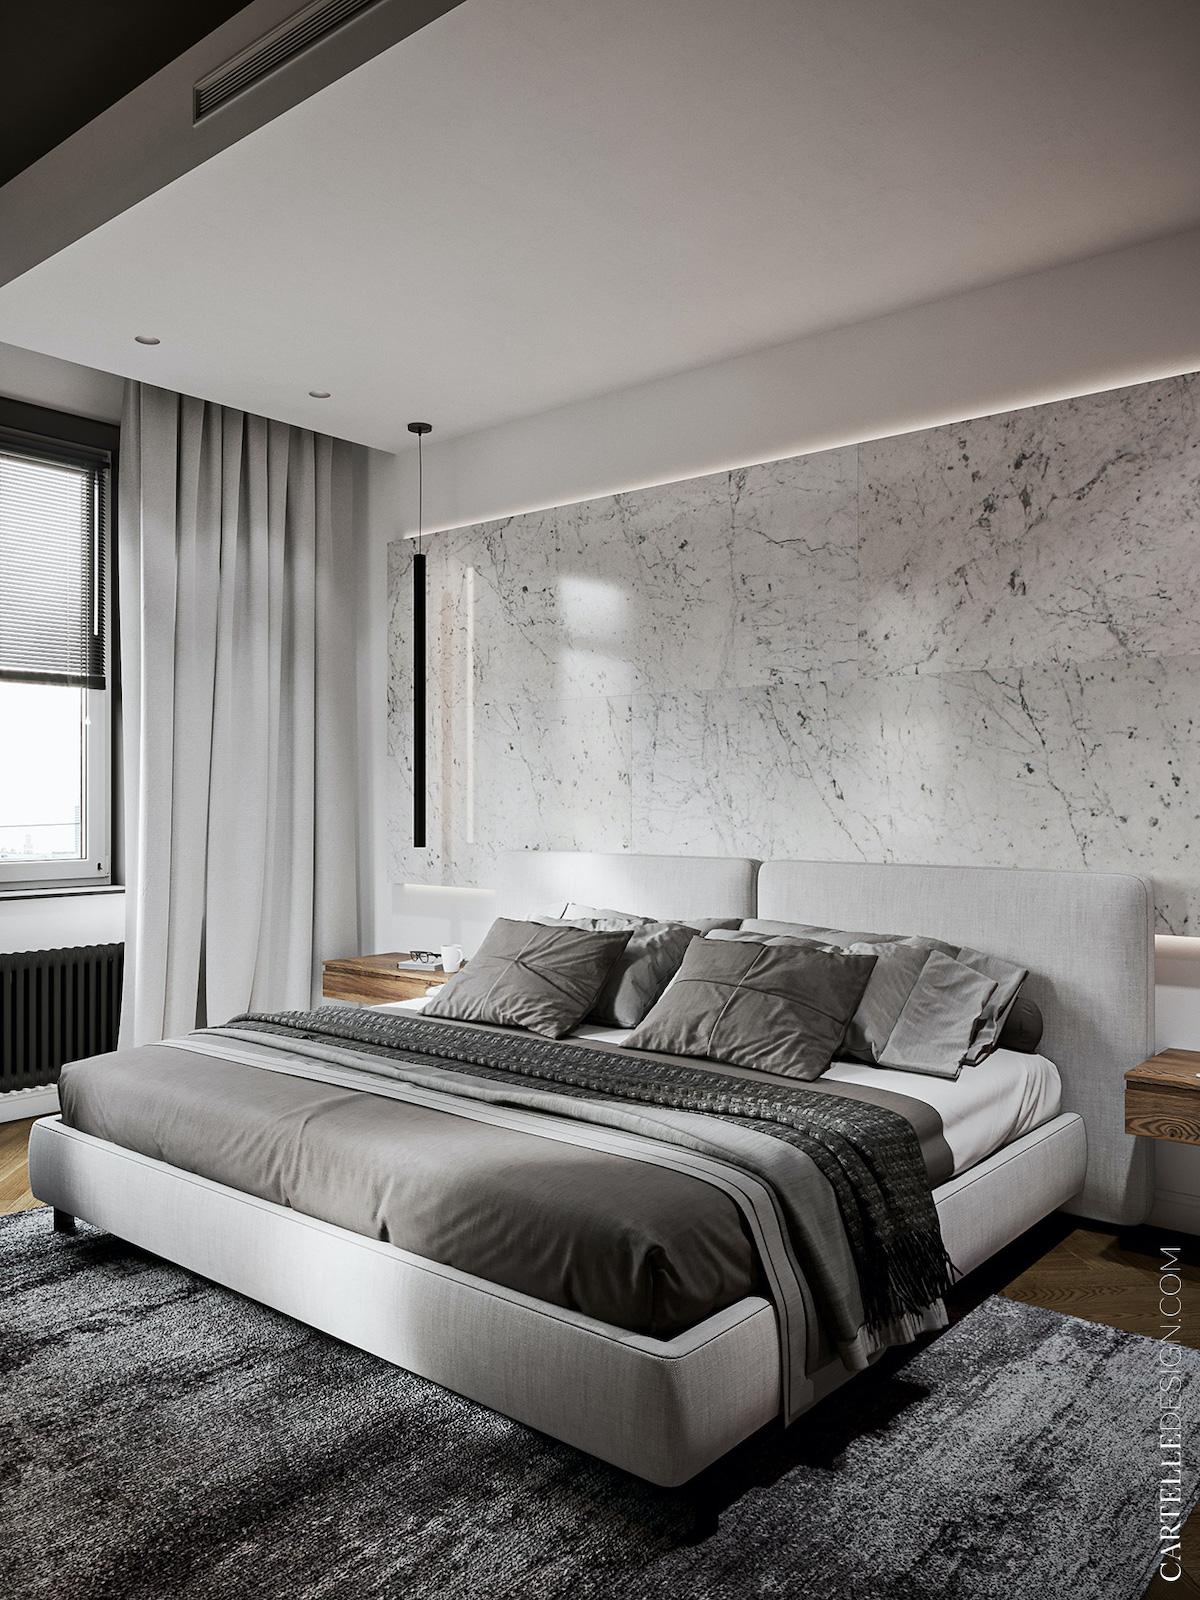 chambre nuance de gris style hotelière faux plafond - blog design clemaroundthecorner